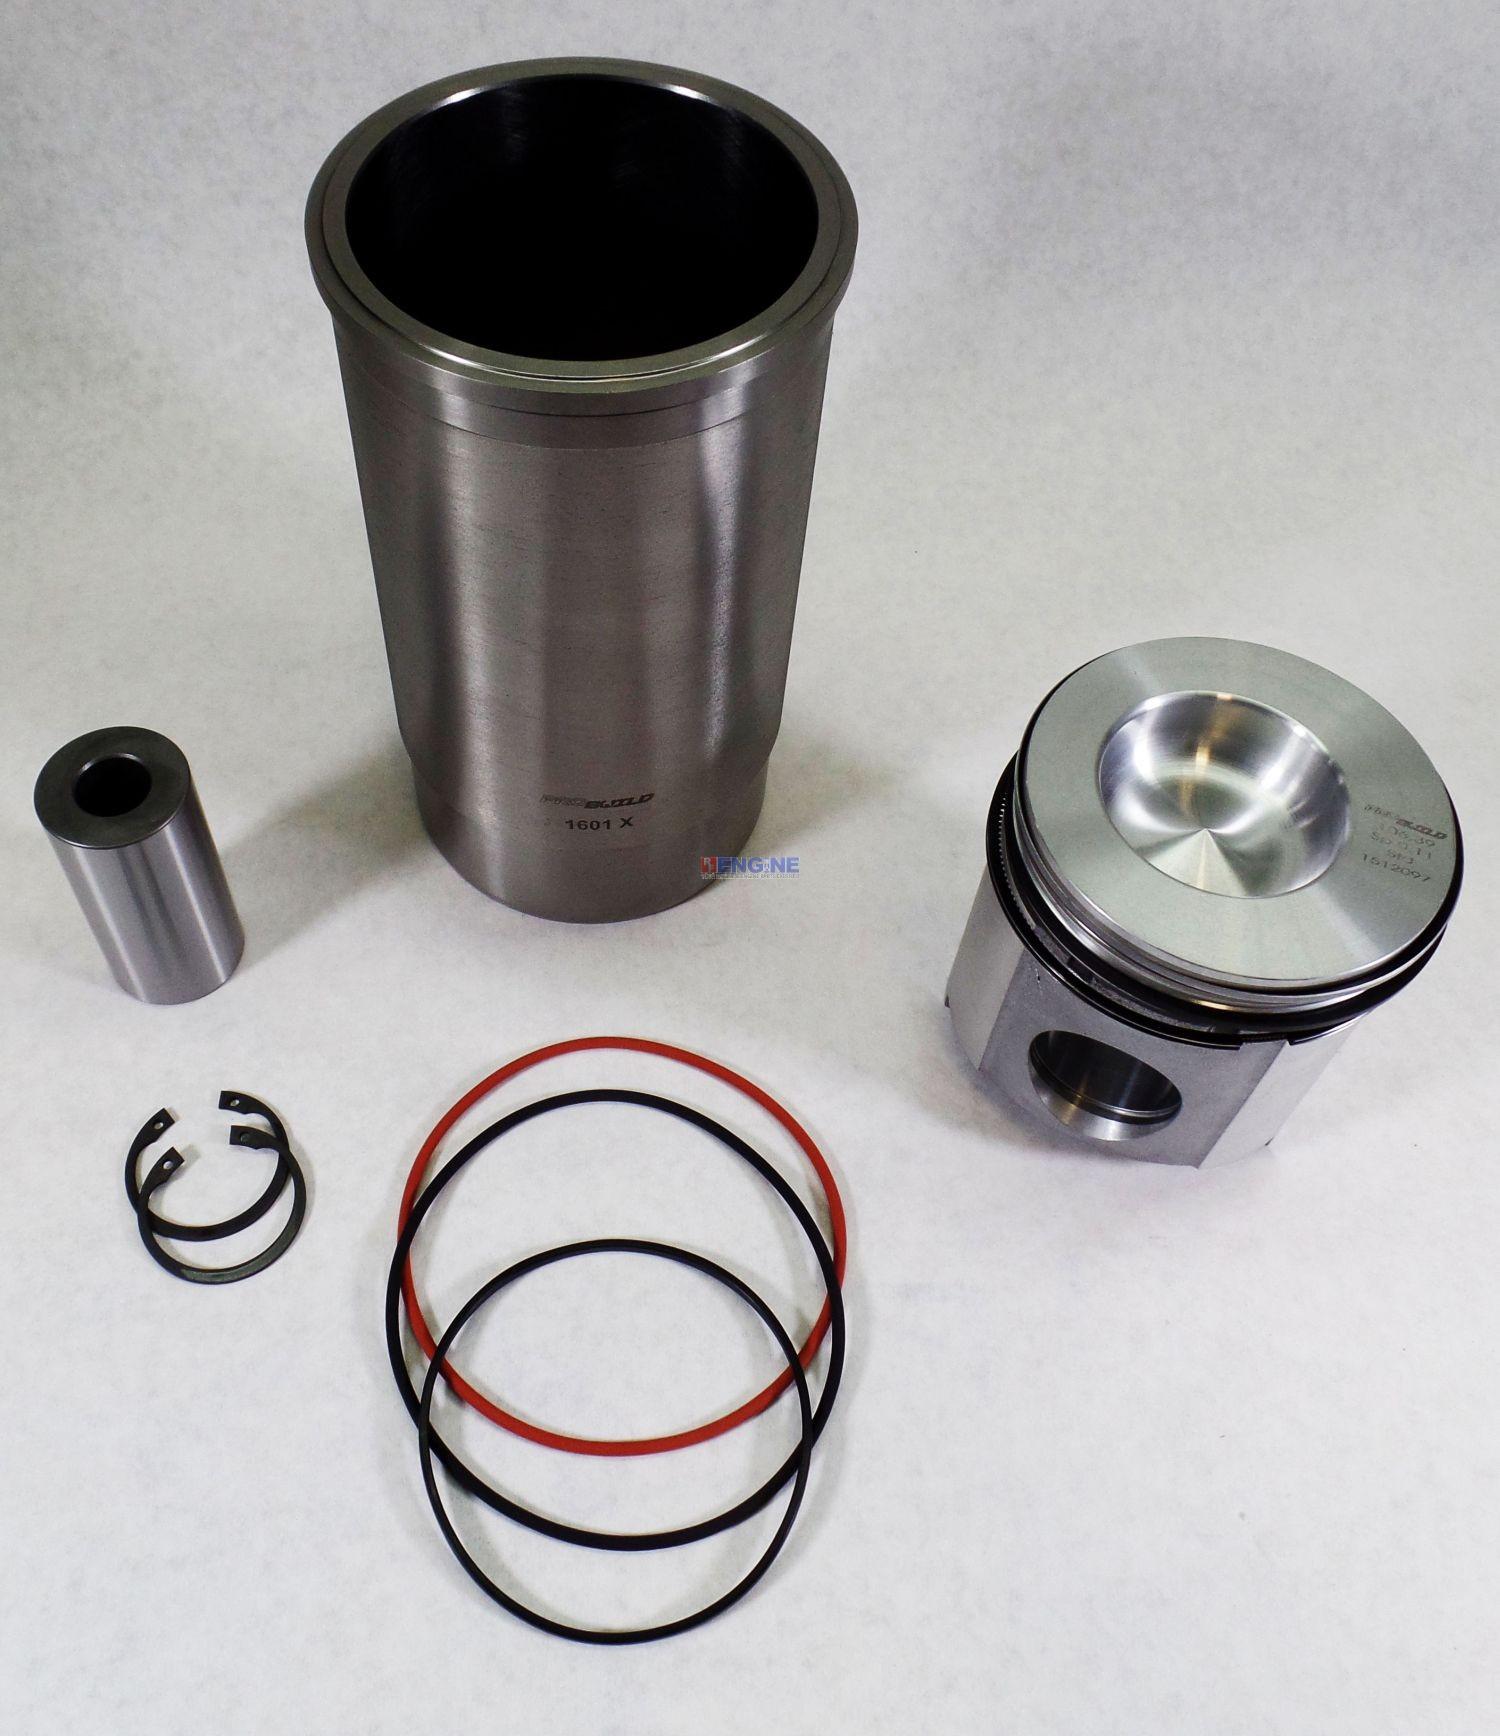 R F Engine Fits John Deere 4276t 4045t 6414t Cylinder Kit New 955 Wiring Harness 6068t